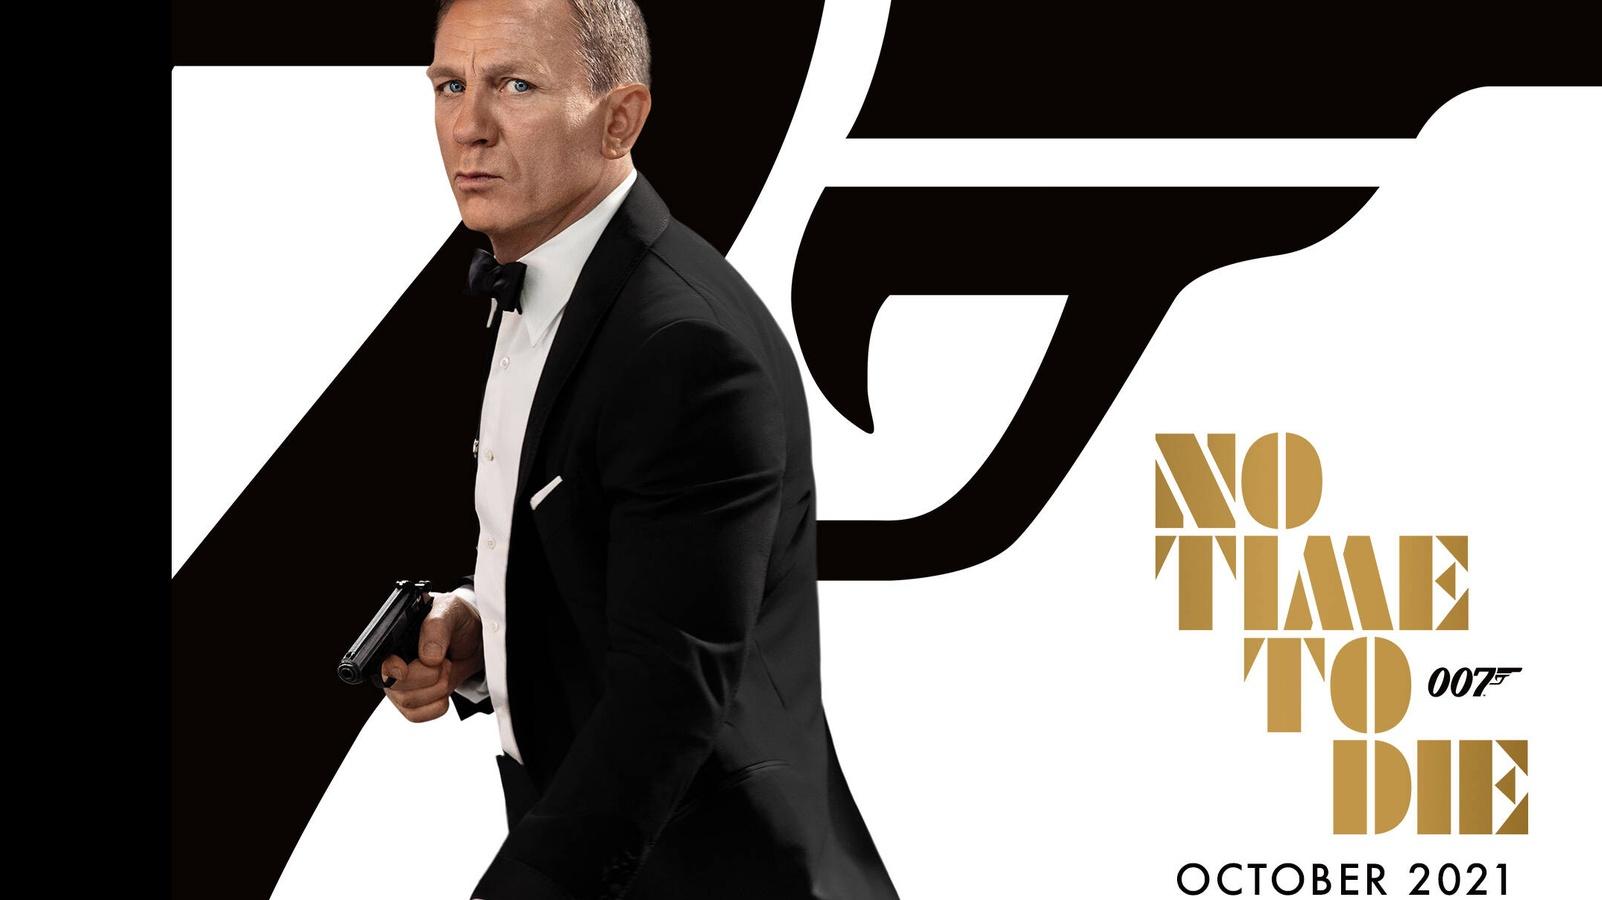 Последний Бонд: Вышел финальный трейлер агента 007